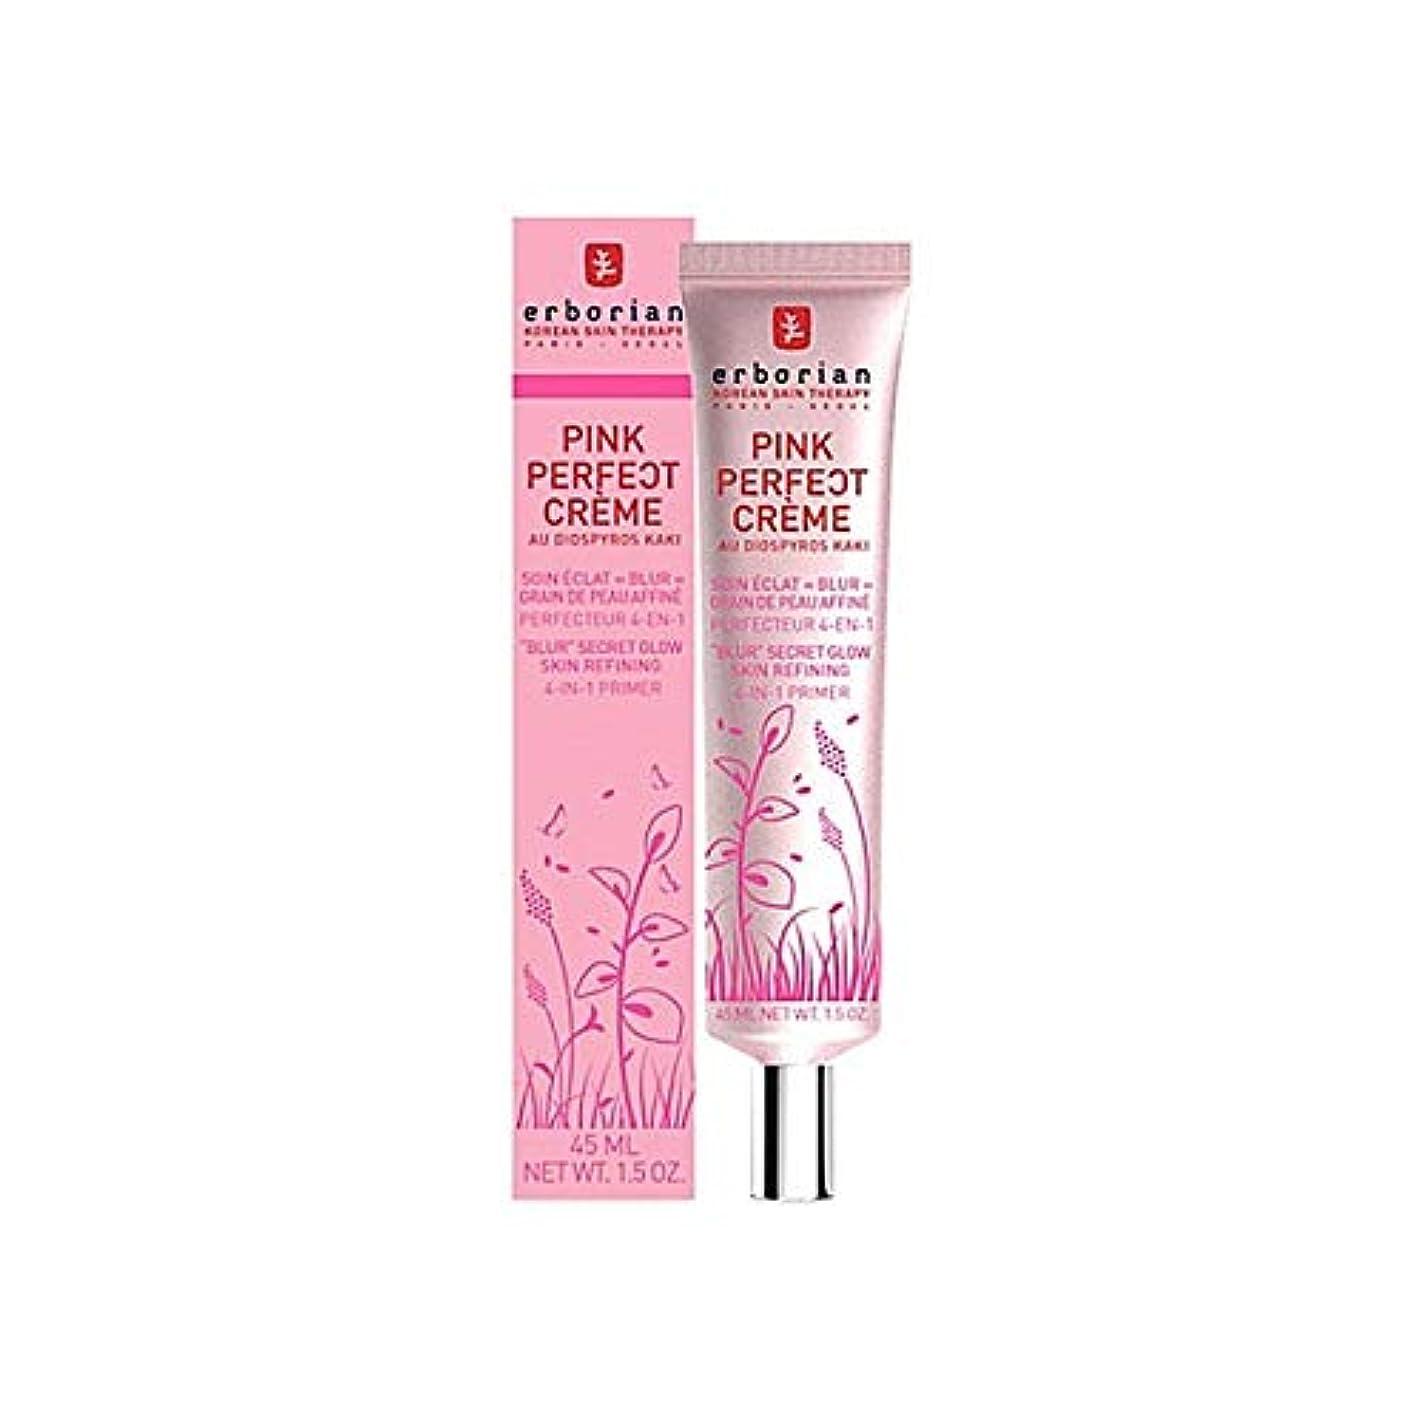 イデオロギー笑タクト[Erborian] Erborianピンクの完璧なクリーム15ミリリットル - Erborian Pink Perfect Creme 15ml [並行輸入品]